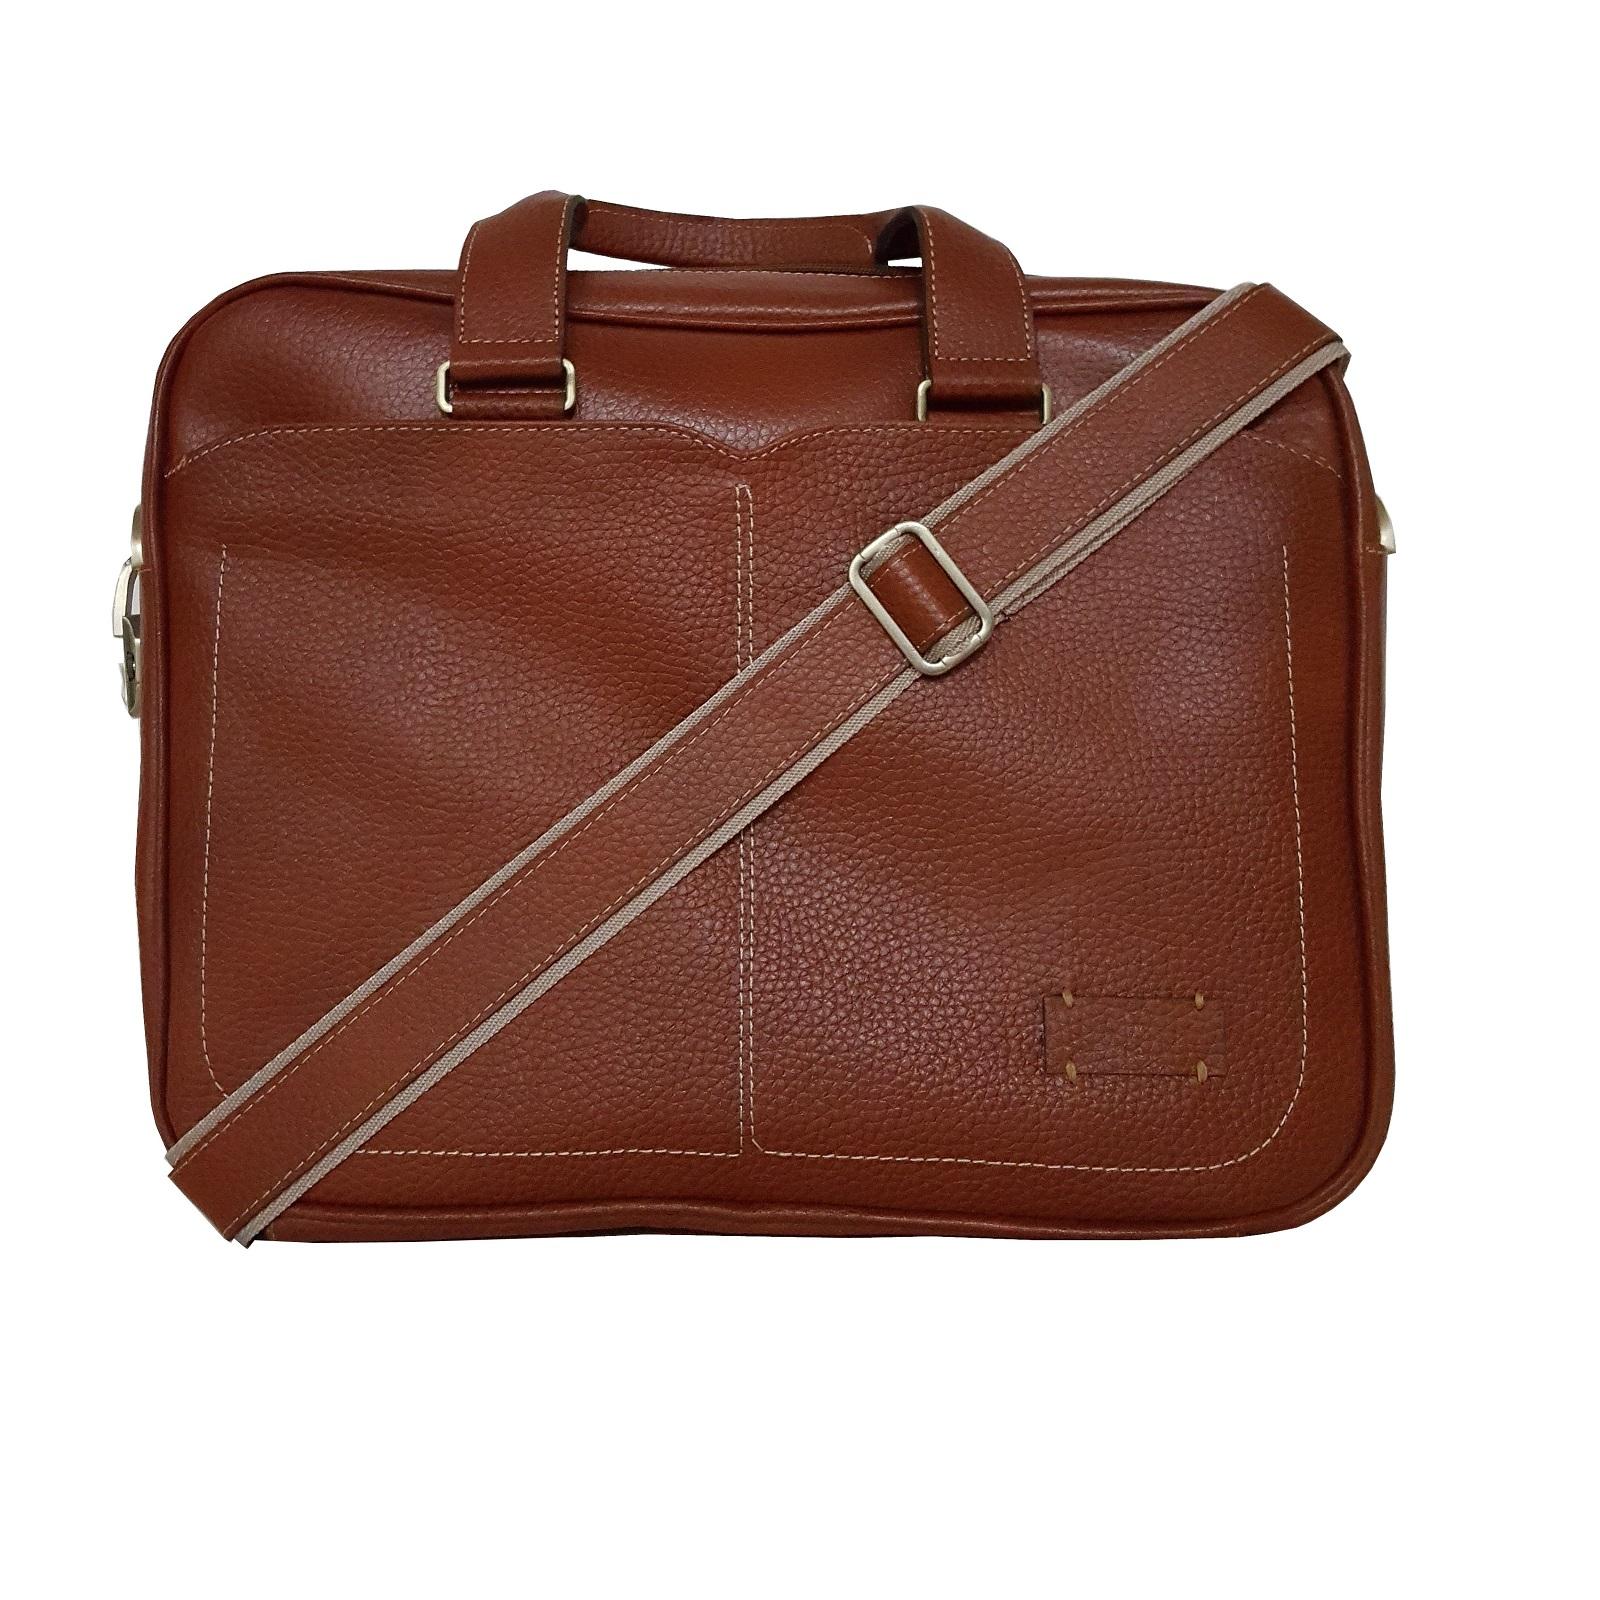 کیف اداری مردانه تمام چرم طبیعی  مدل 3005